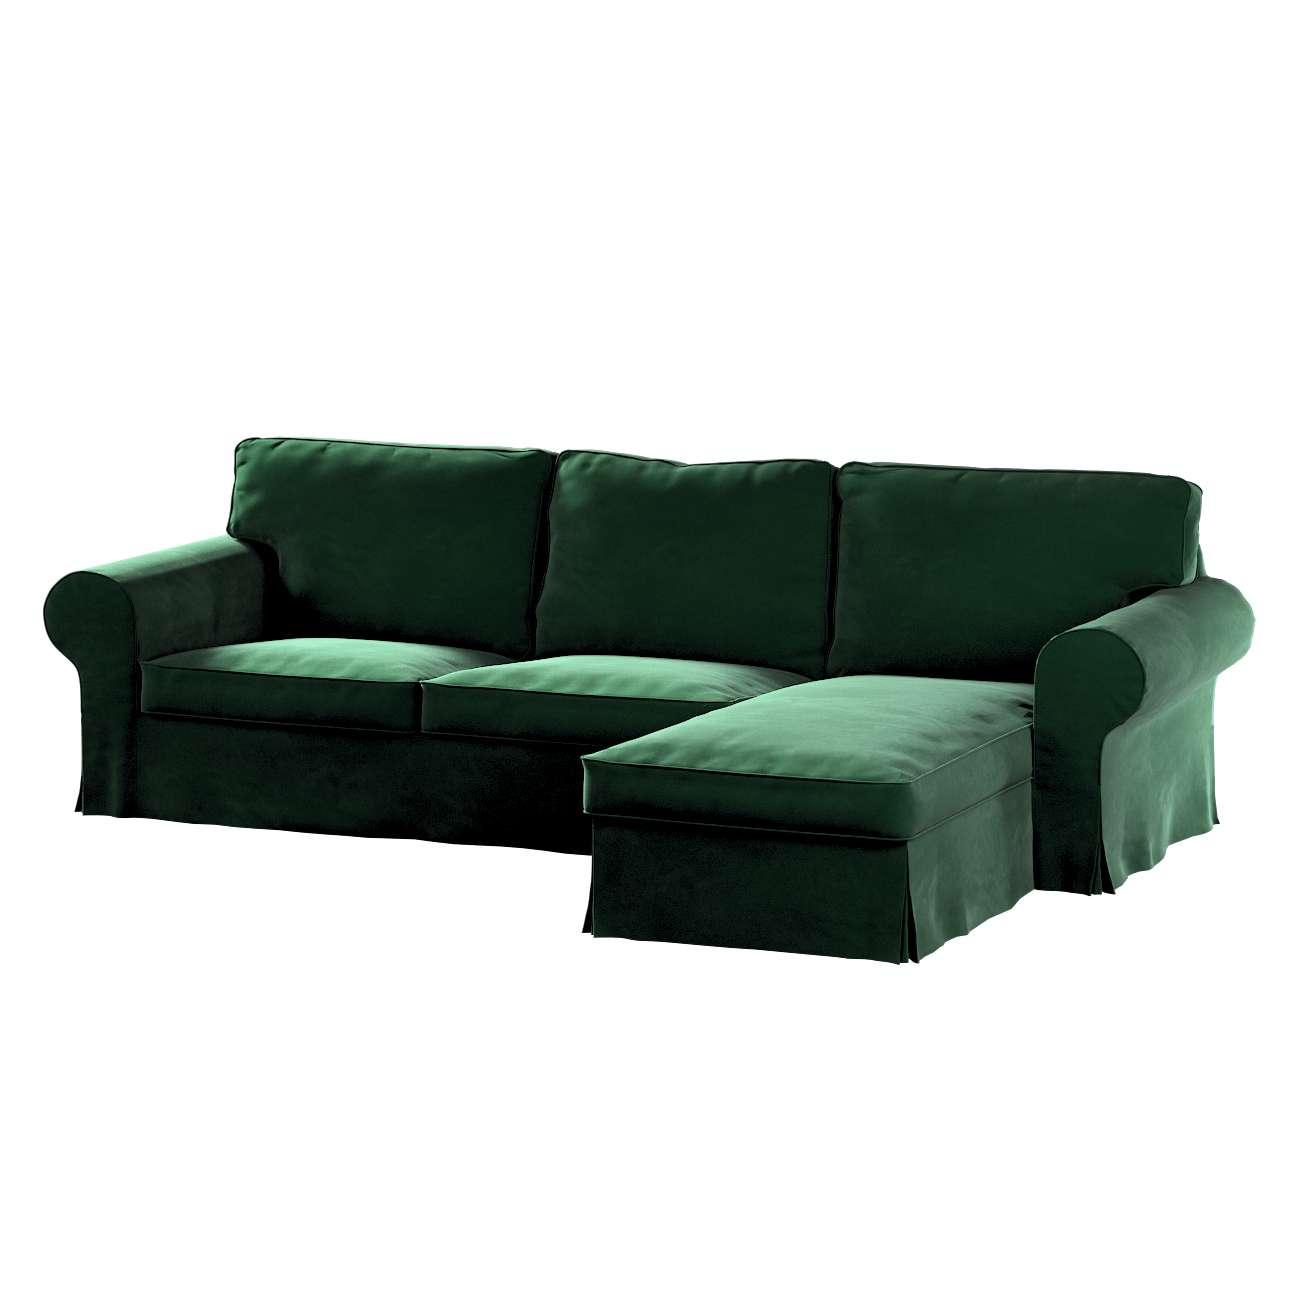 Pokrowiec na sofę Ektorp 2-osobową i leżankę w kolekcji Velvet, tkanina: 704-13